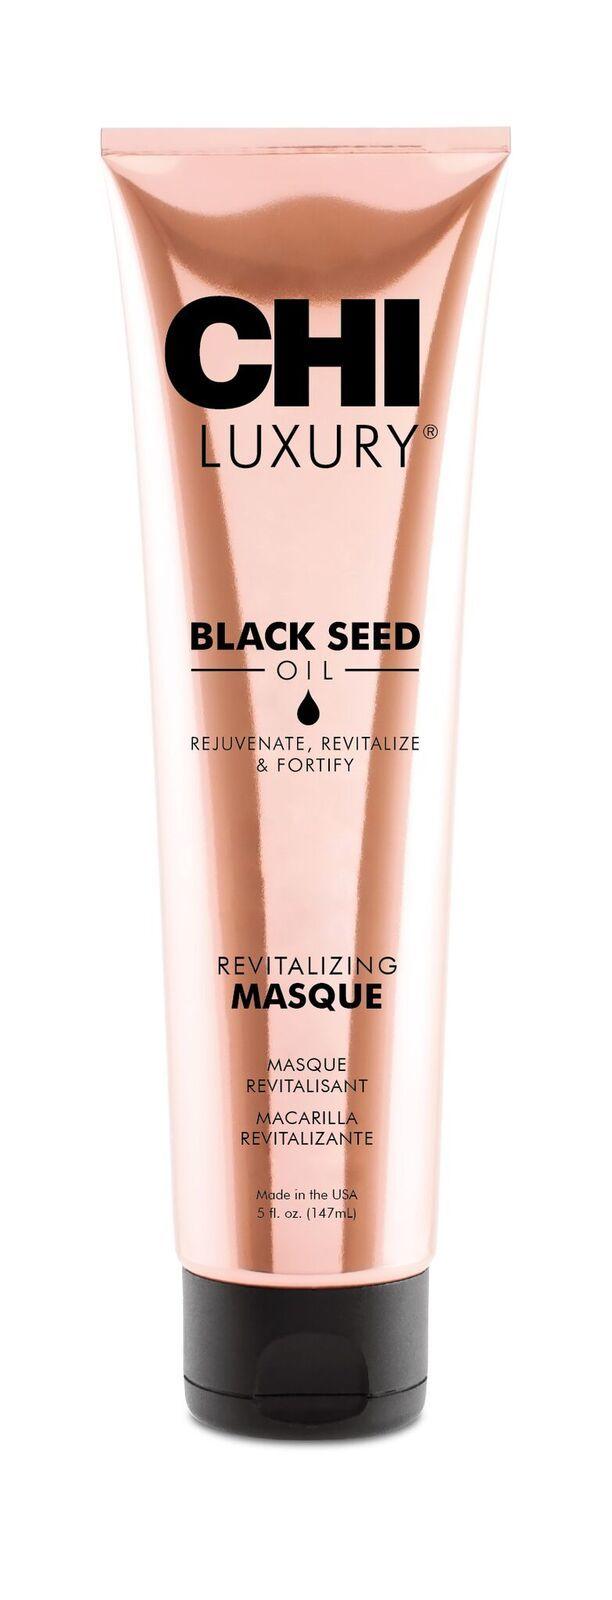 Маска для волос Luxury с маслом семян черного тмина «Оживляющая», 147 мл